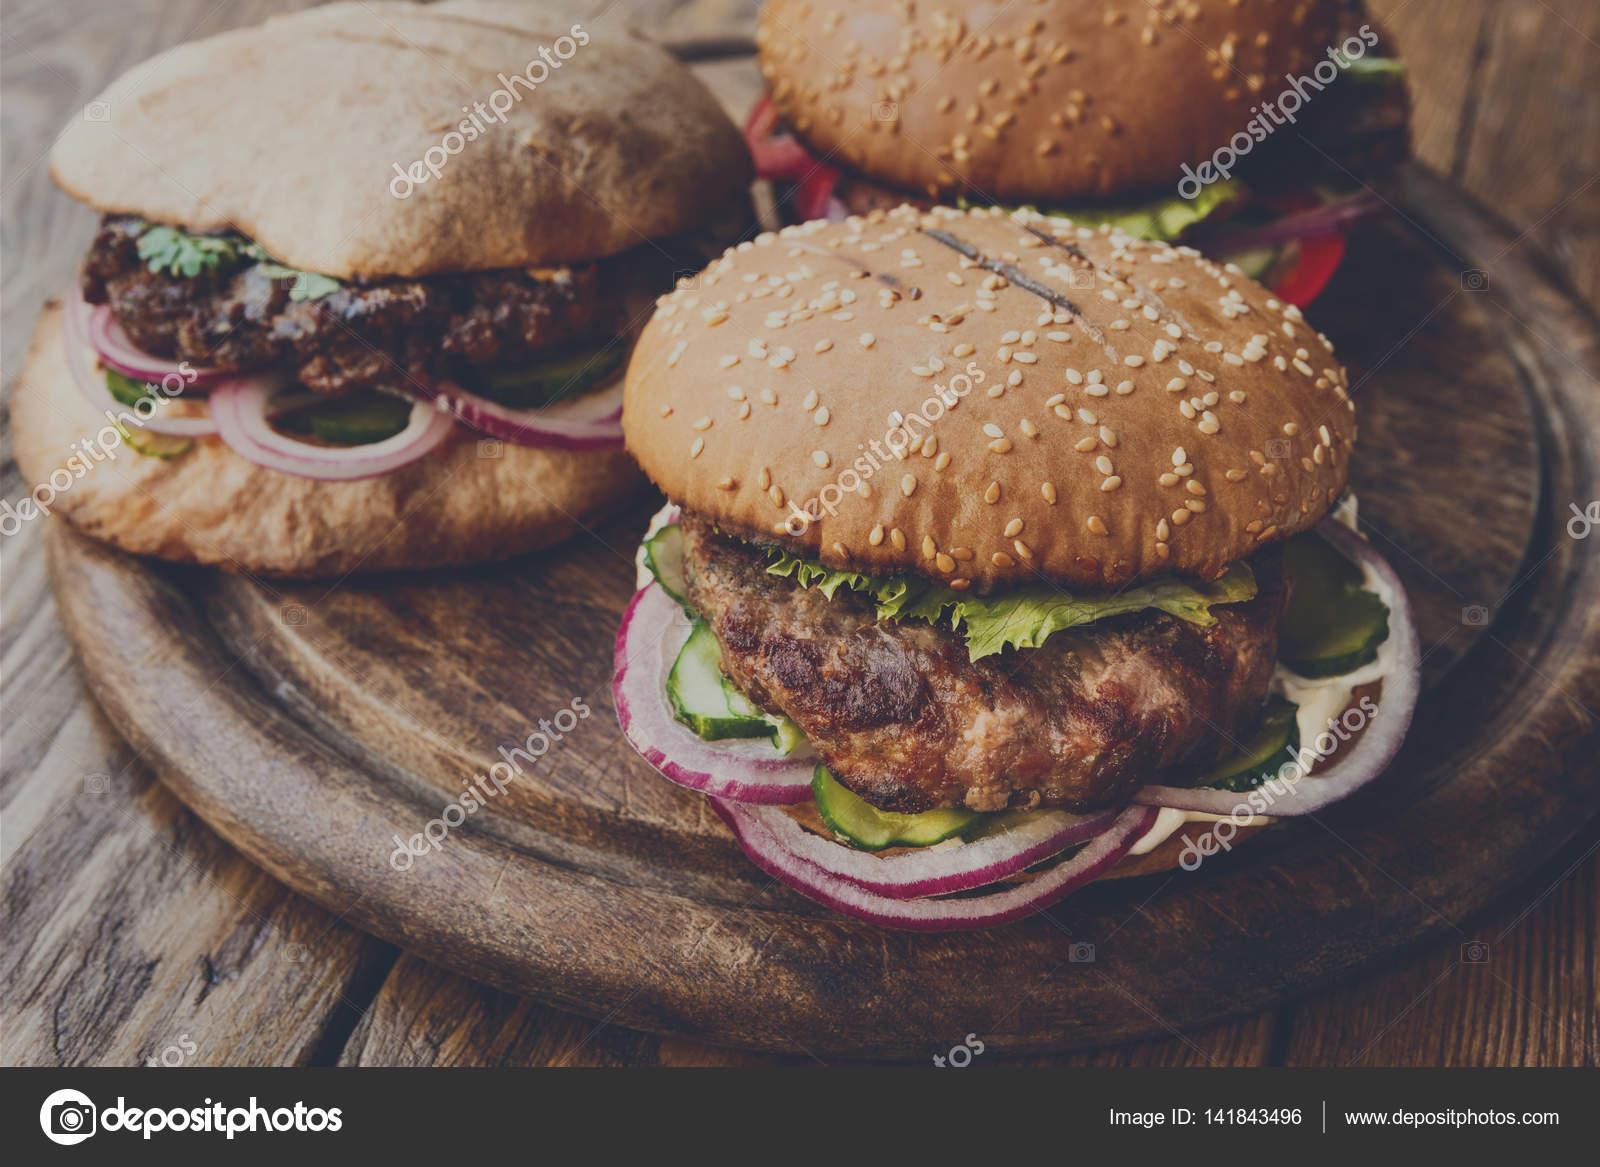 Klassische Amerikanische Burger Fastfood Auf Holz Hintergrund